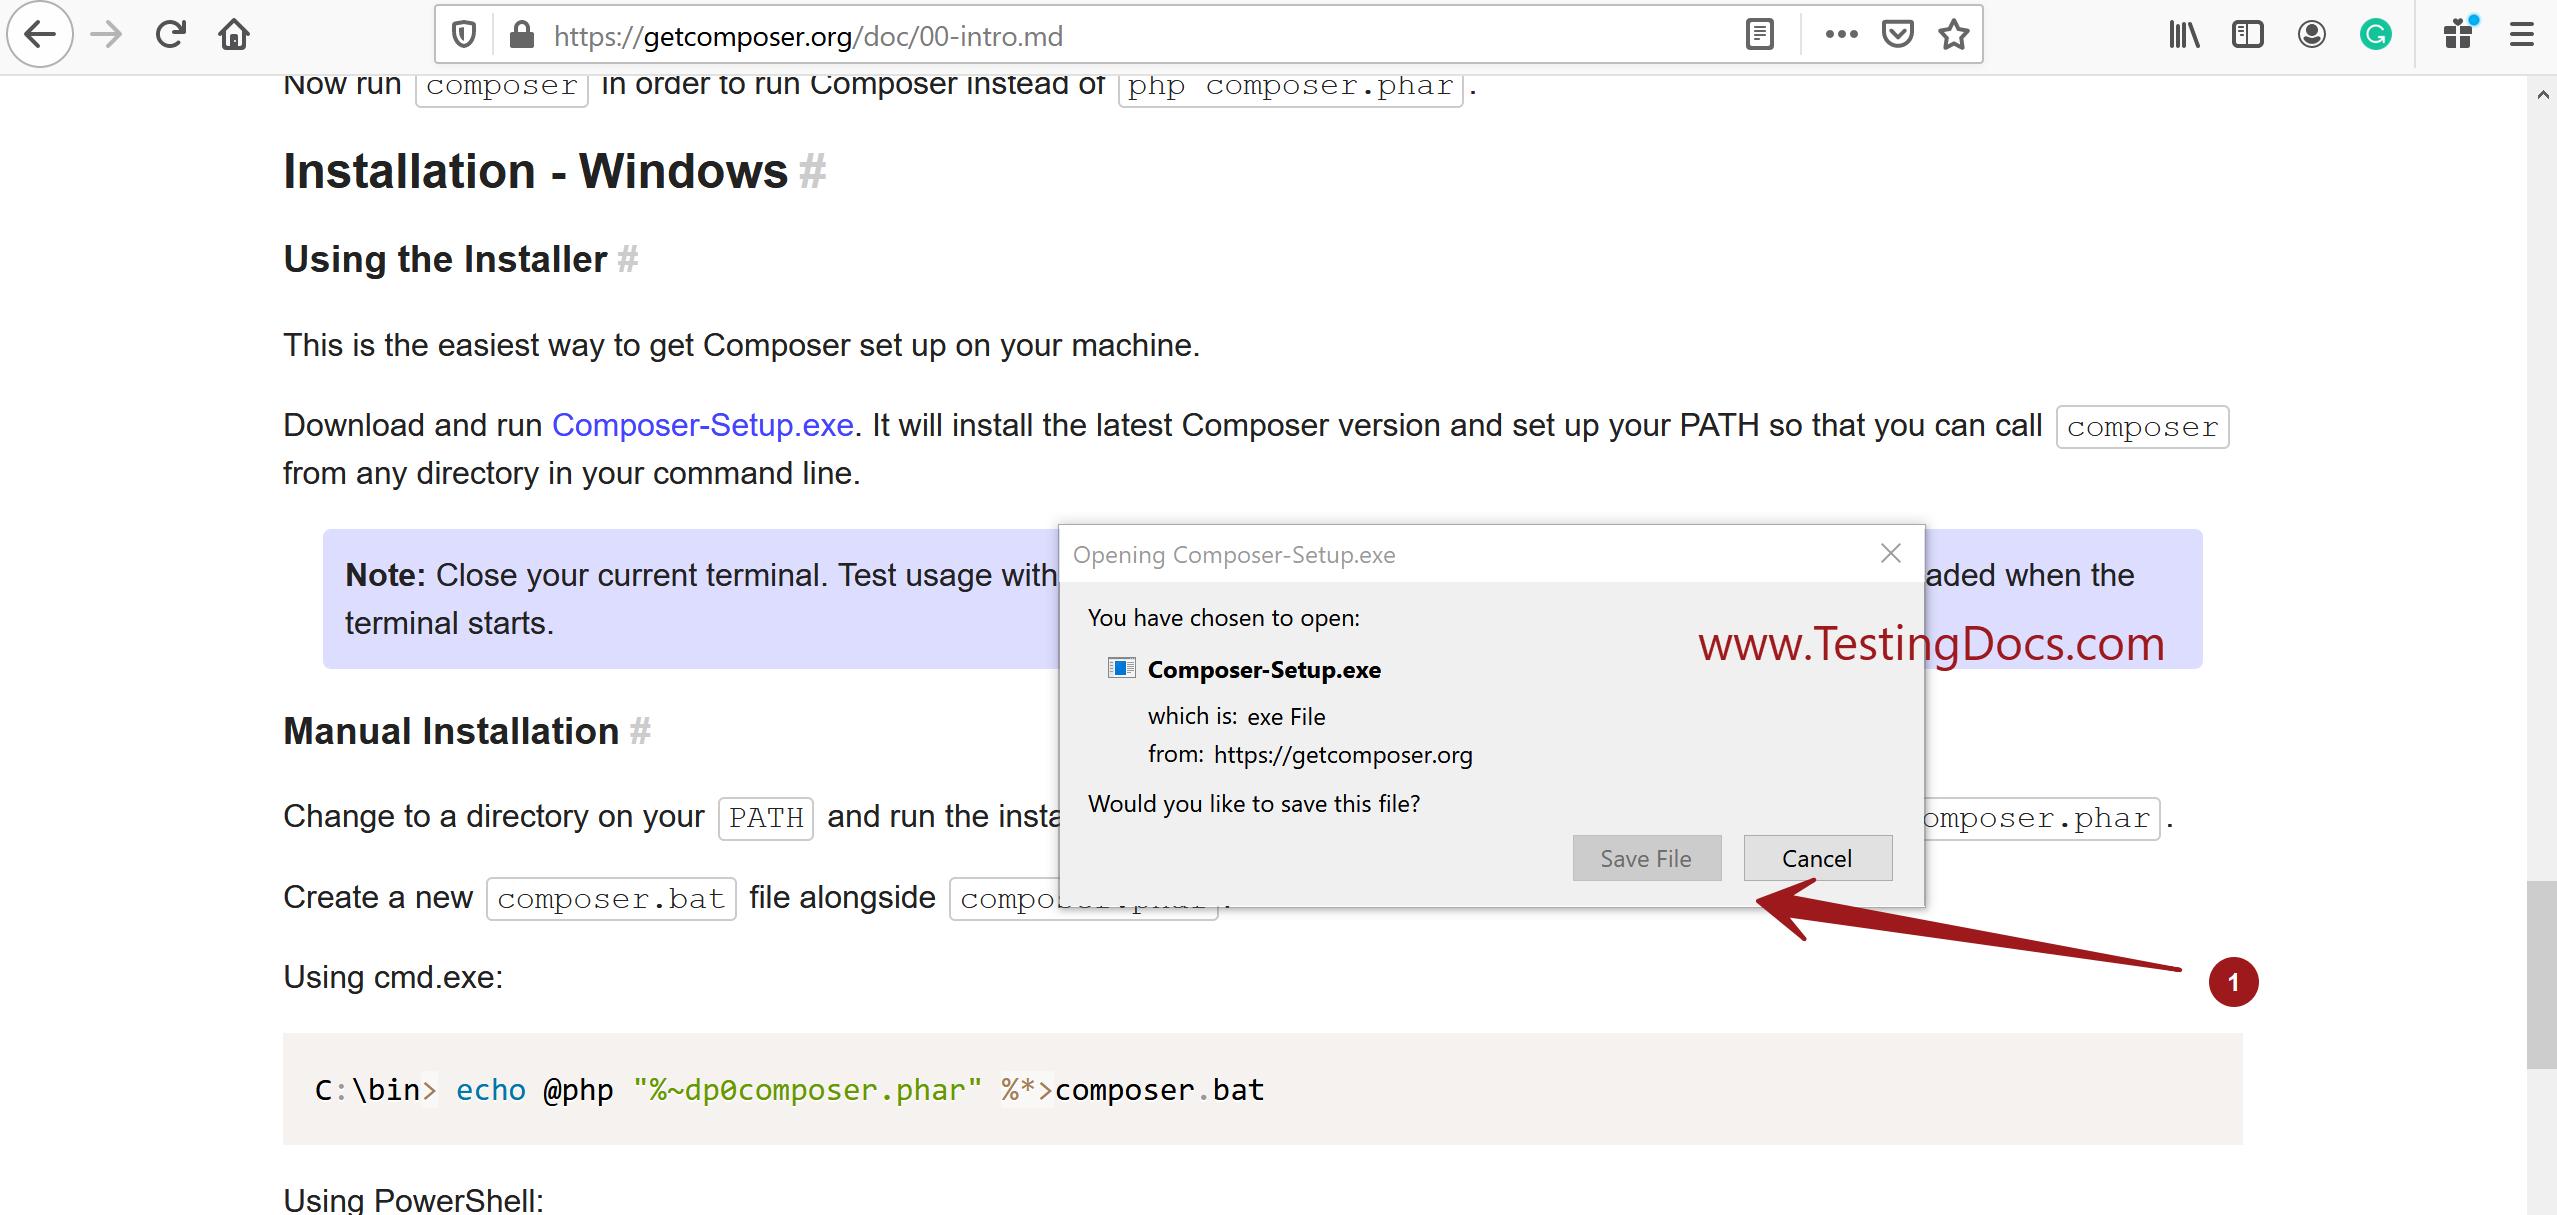 Composer Setup.exe Windows